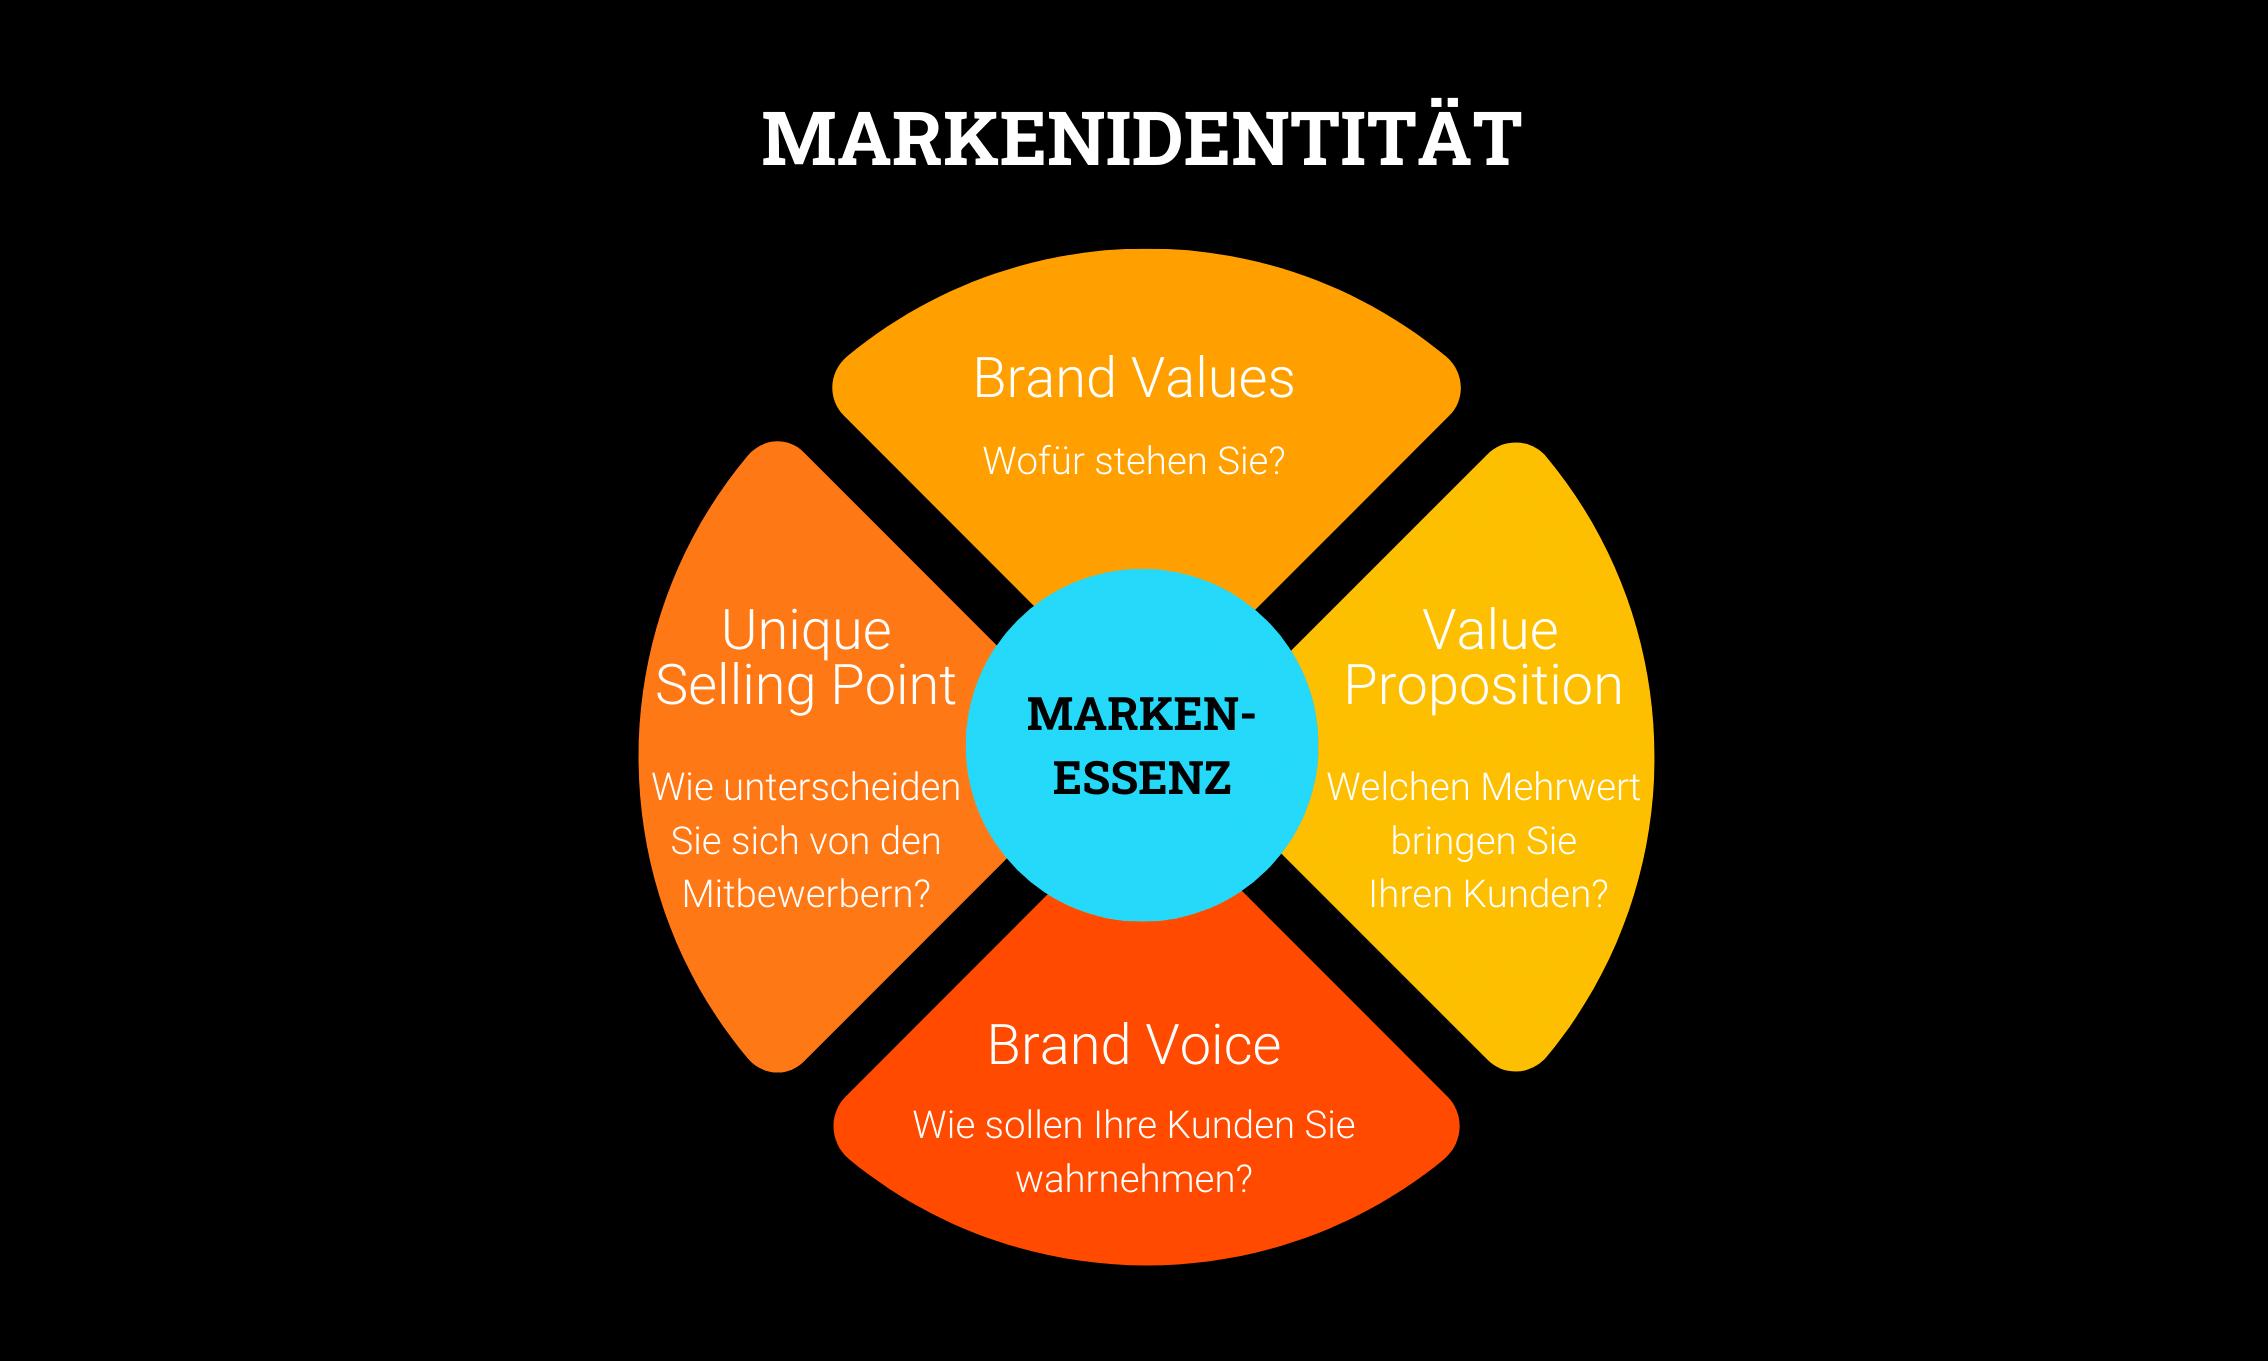 Markenidentität Struktur Abbildung von Wunderbox Marketing